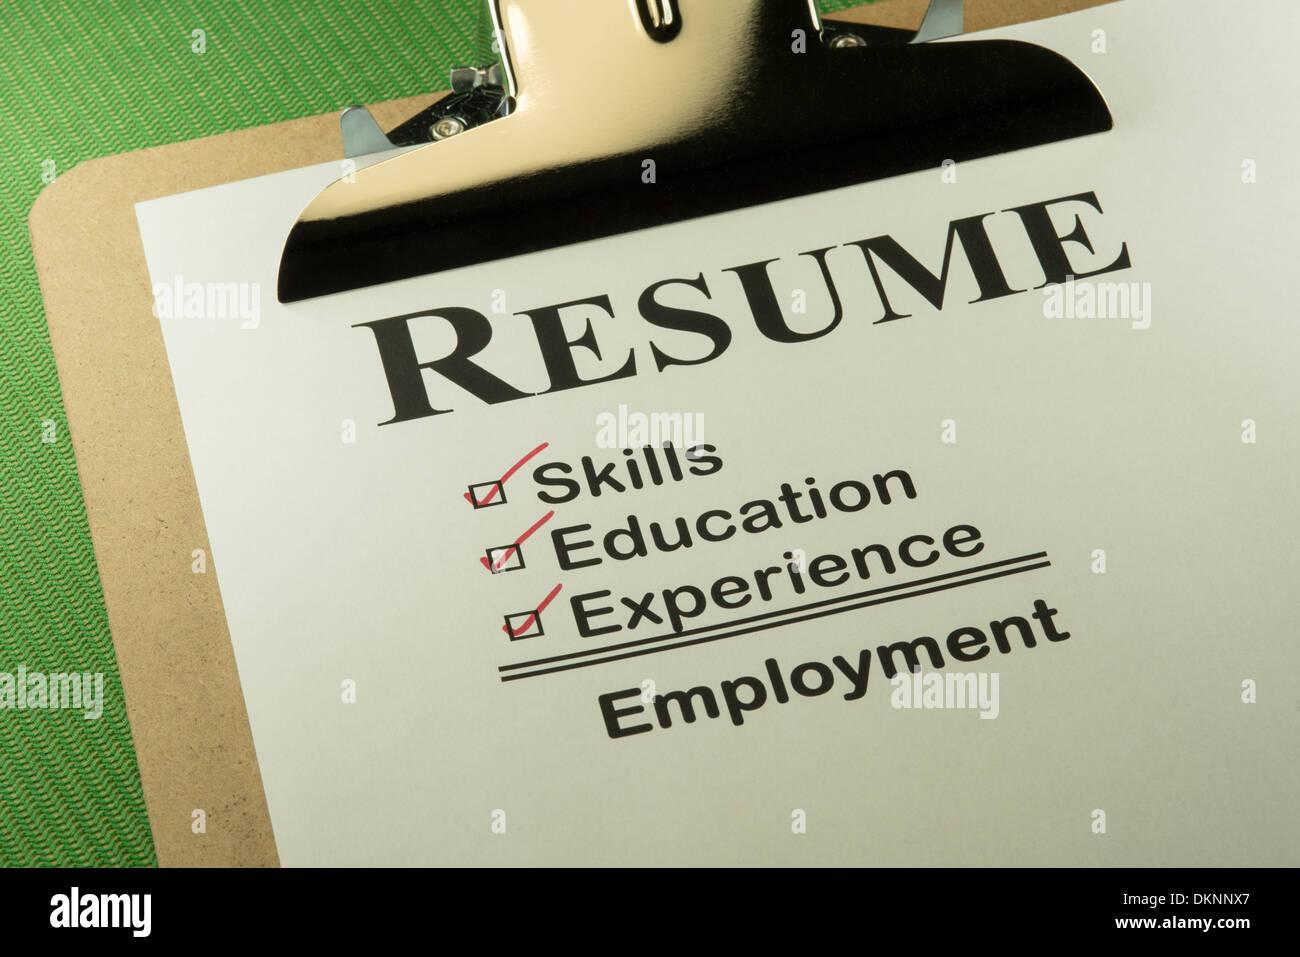 Erfolgreiche Bewerber Lebenslauf erfordert Fähigkeiten, Ausbildung und Erfahrung, um Beschäftigung zu finden Stockbild